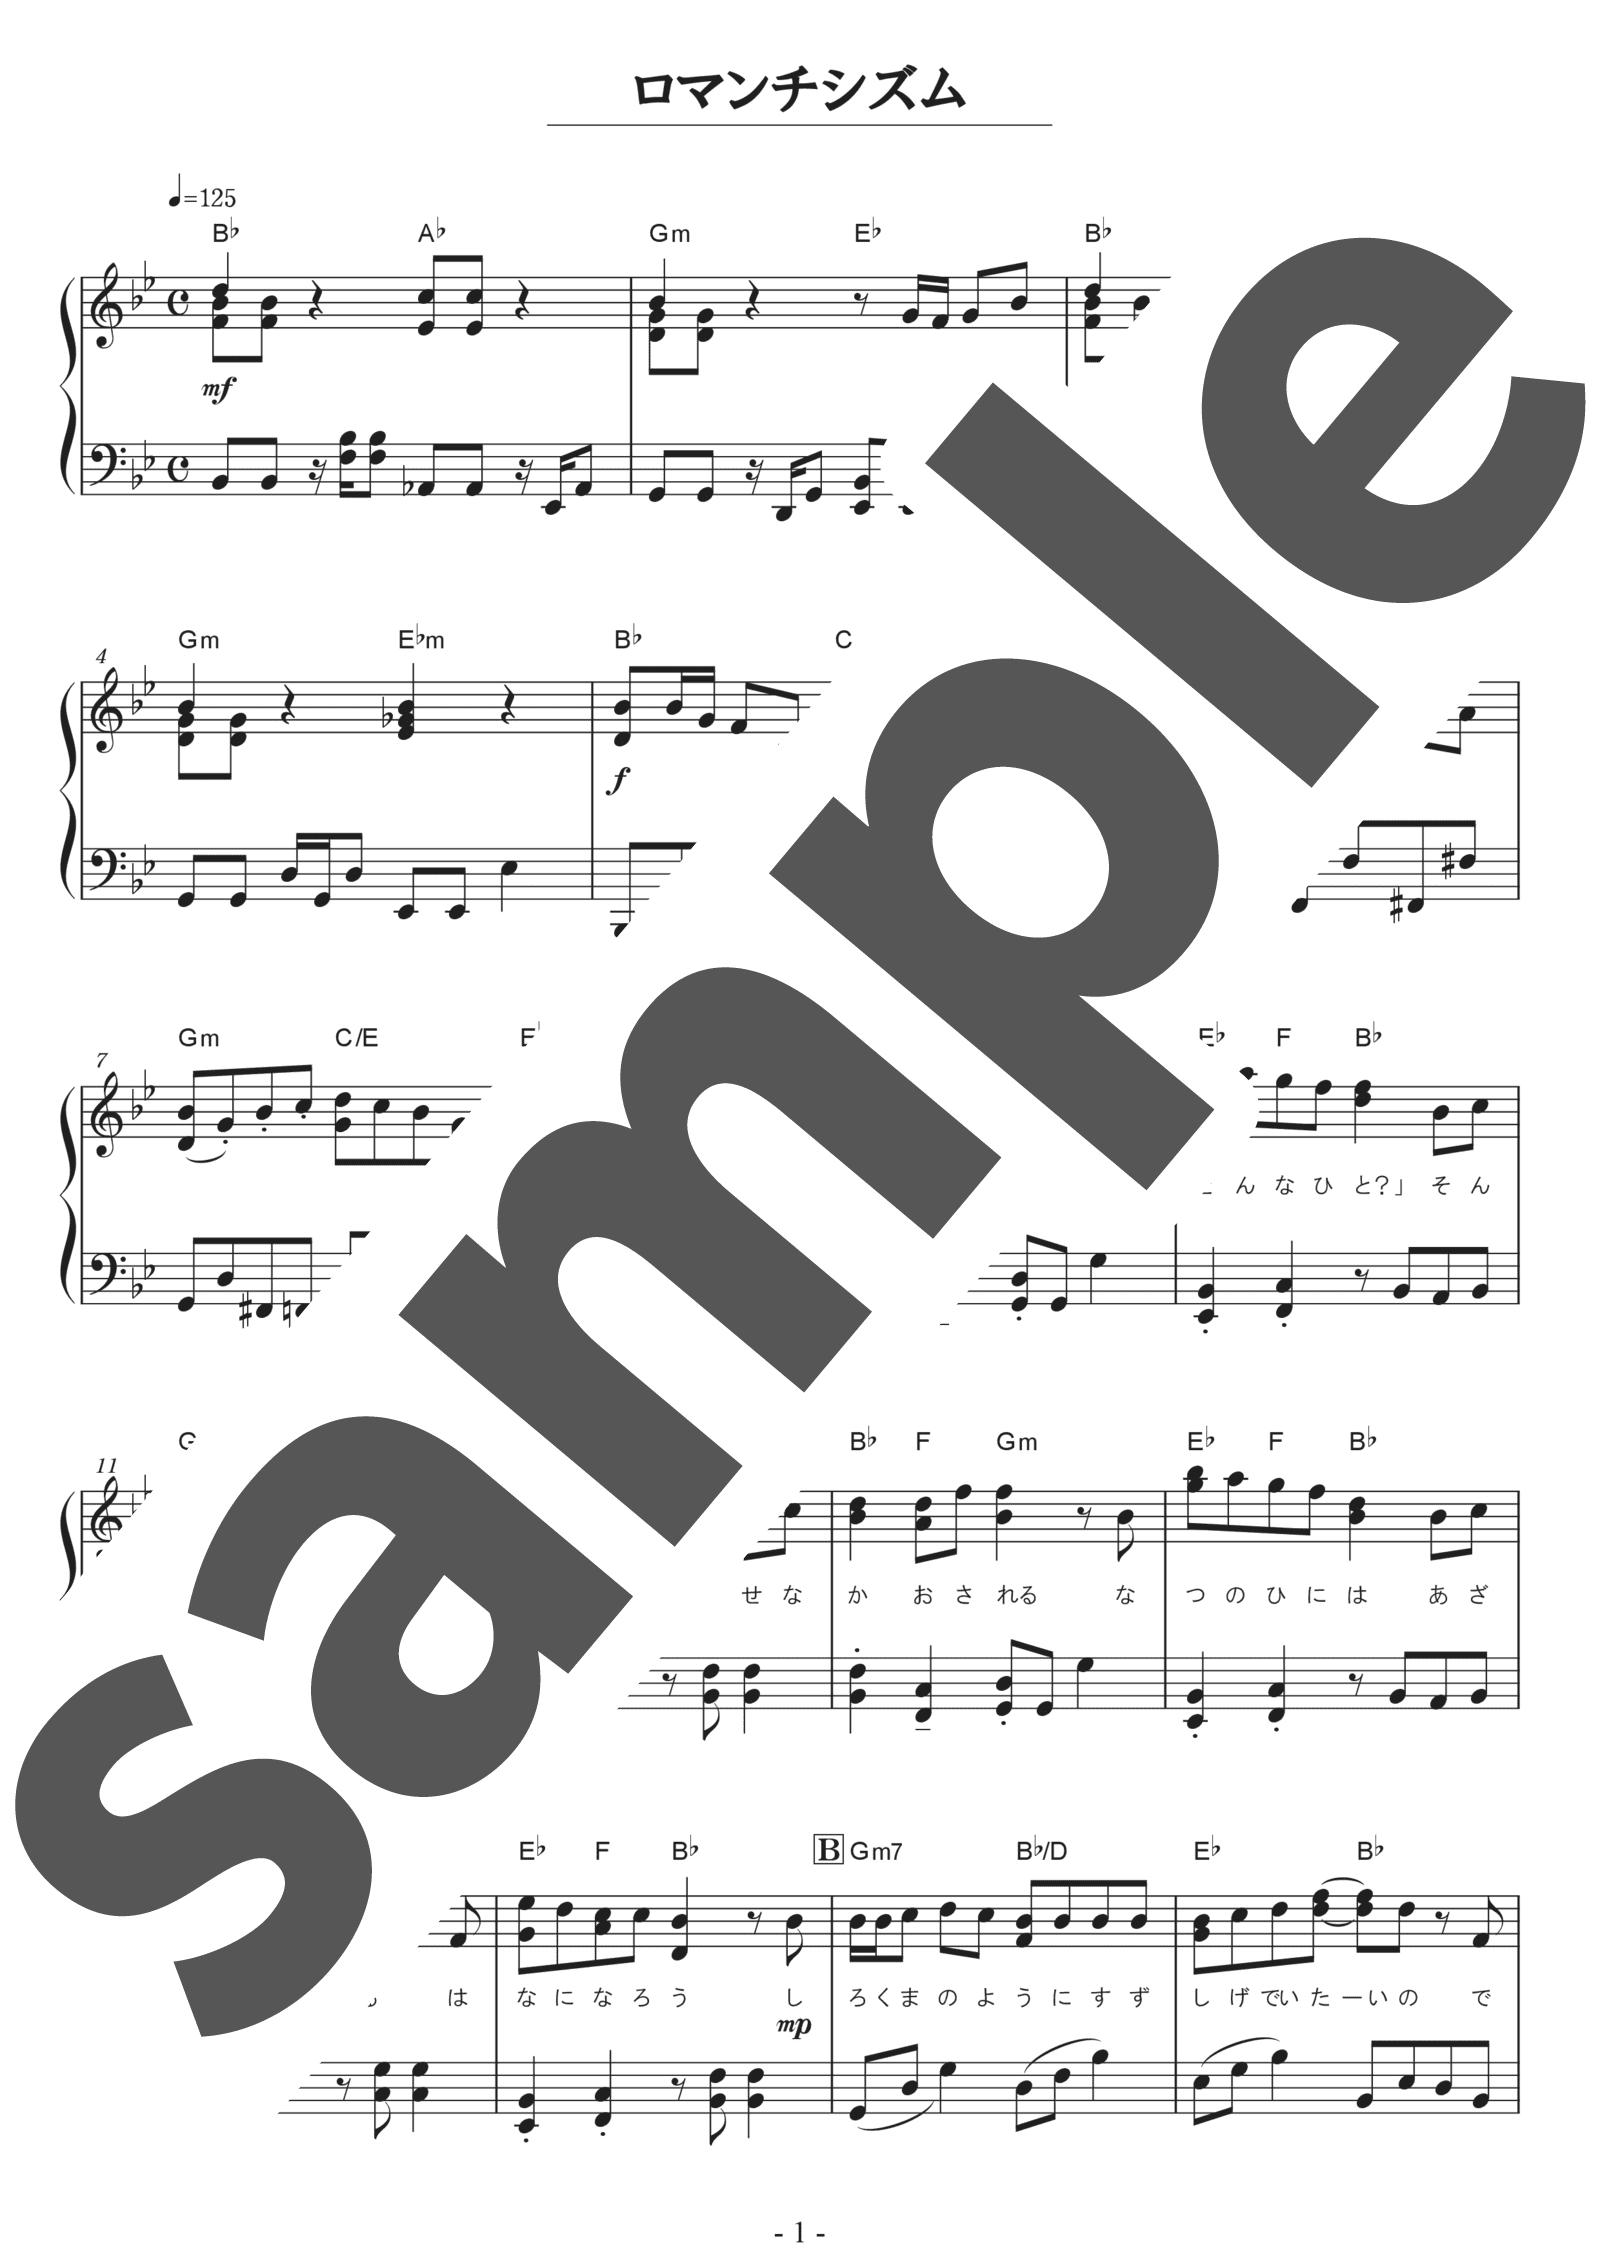 「ロマンチシズム」のサンプル楽譜